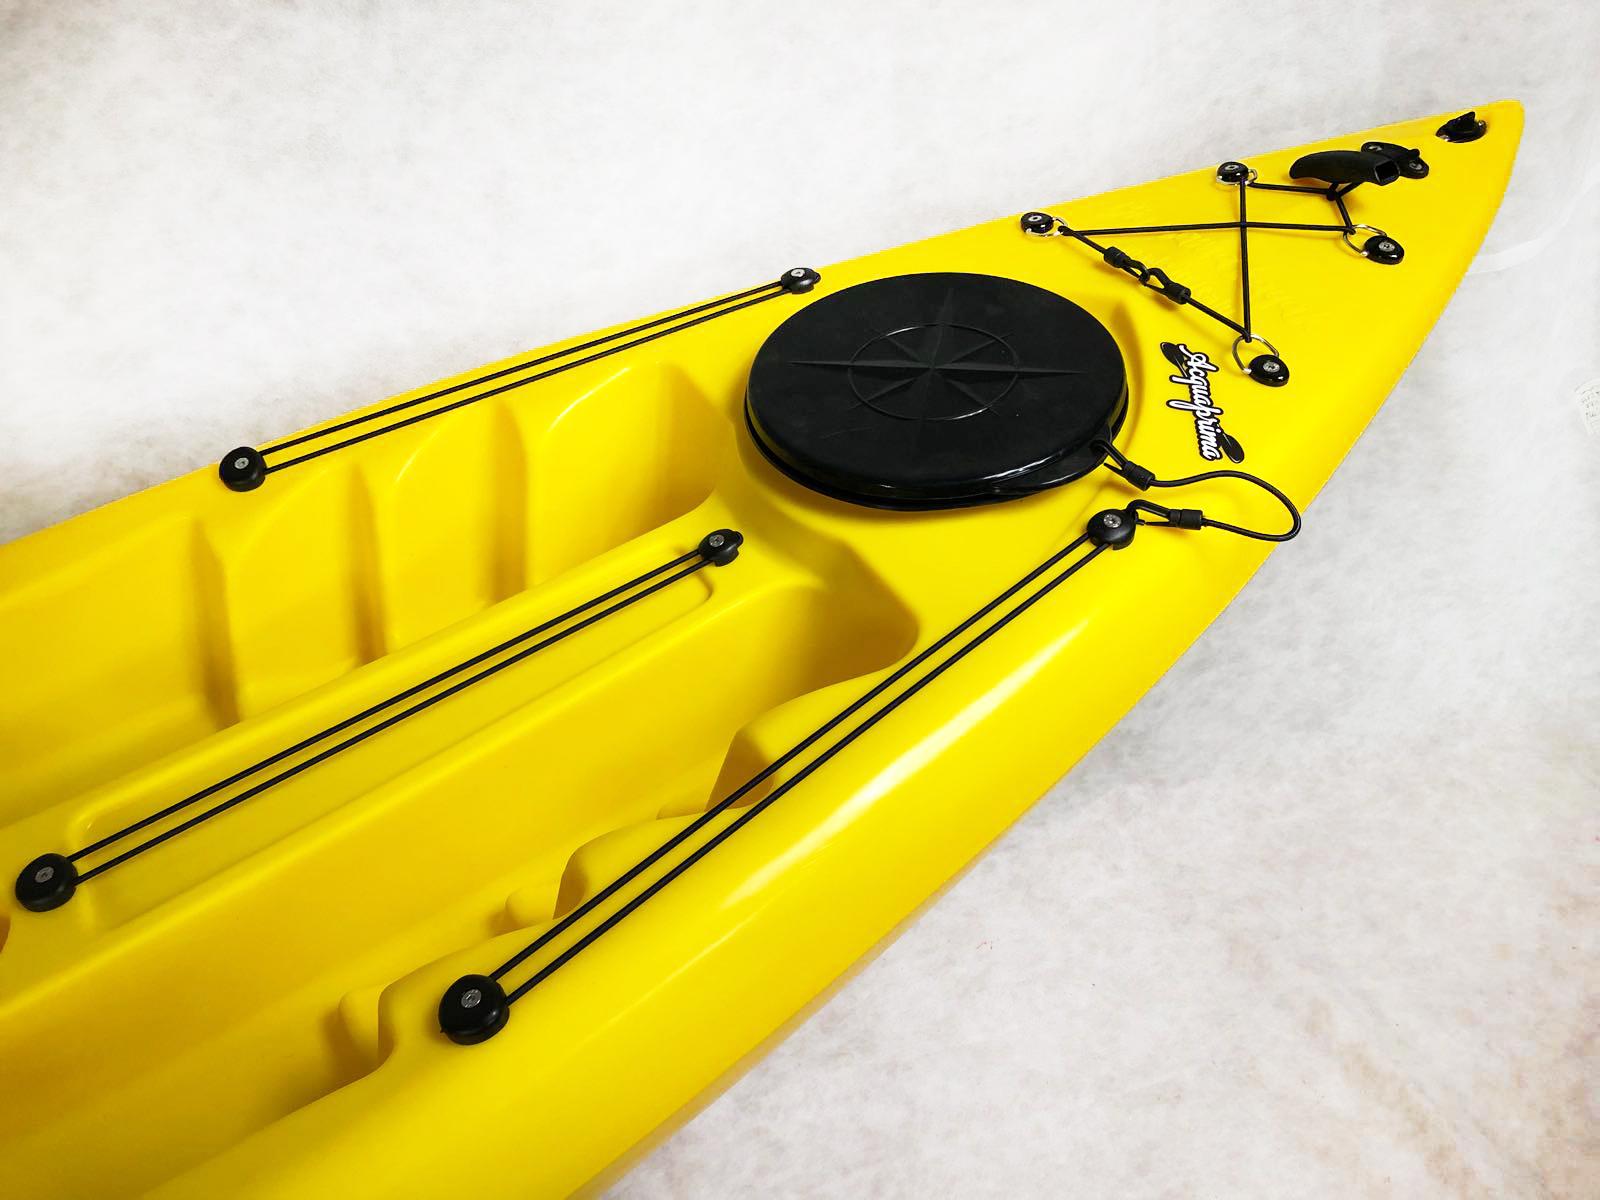 acquaprima bigmama kayak 3